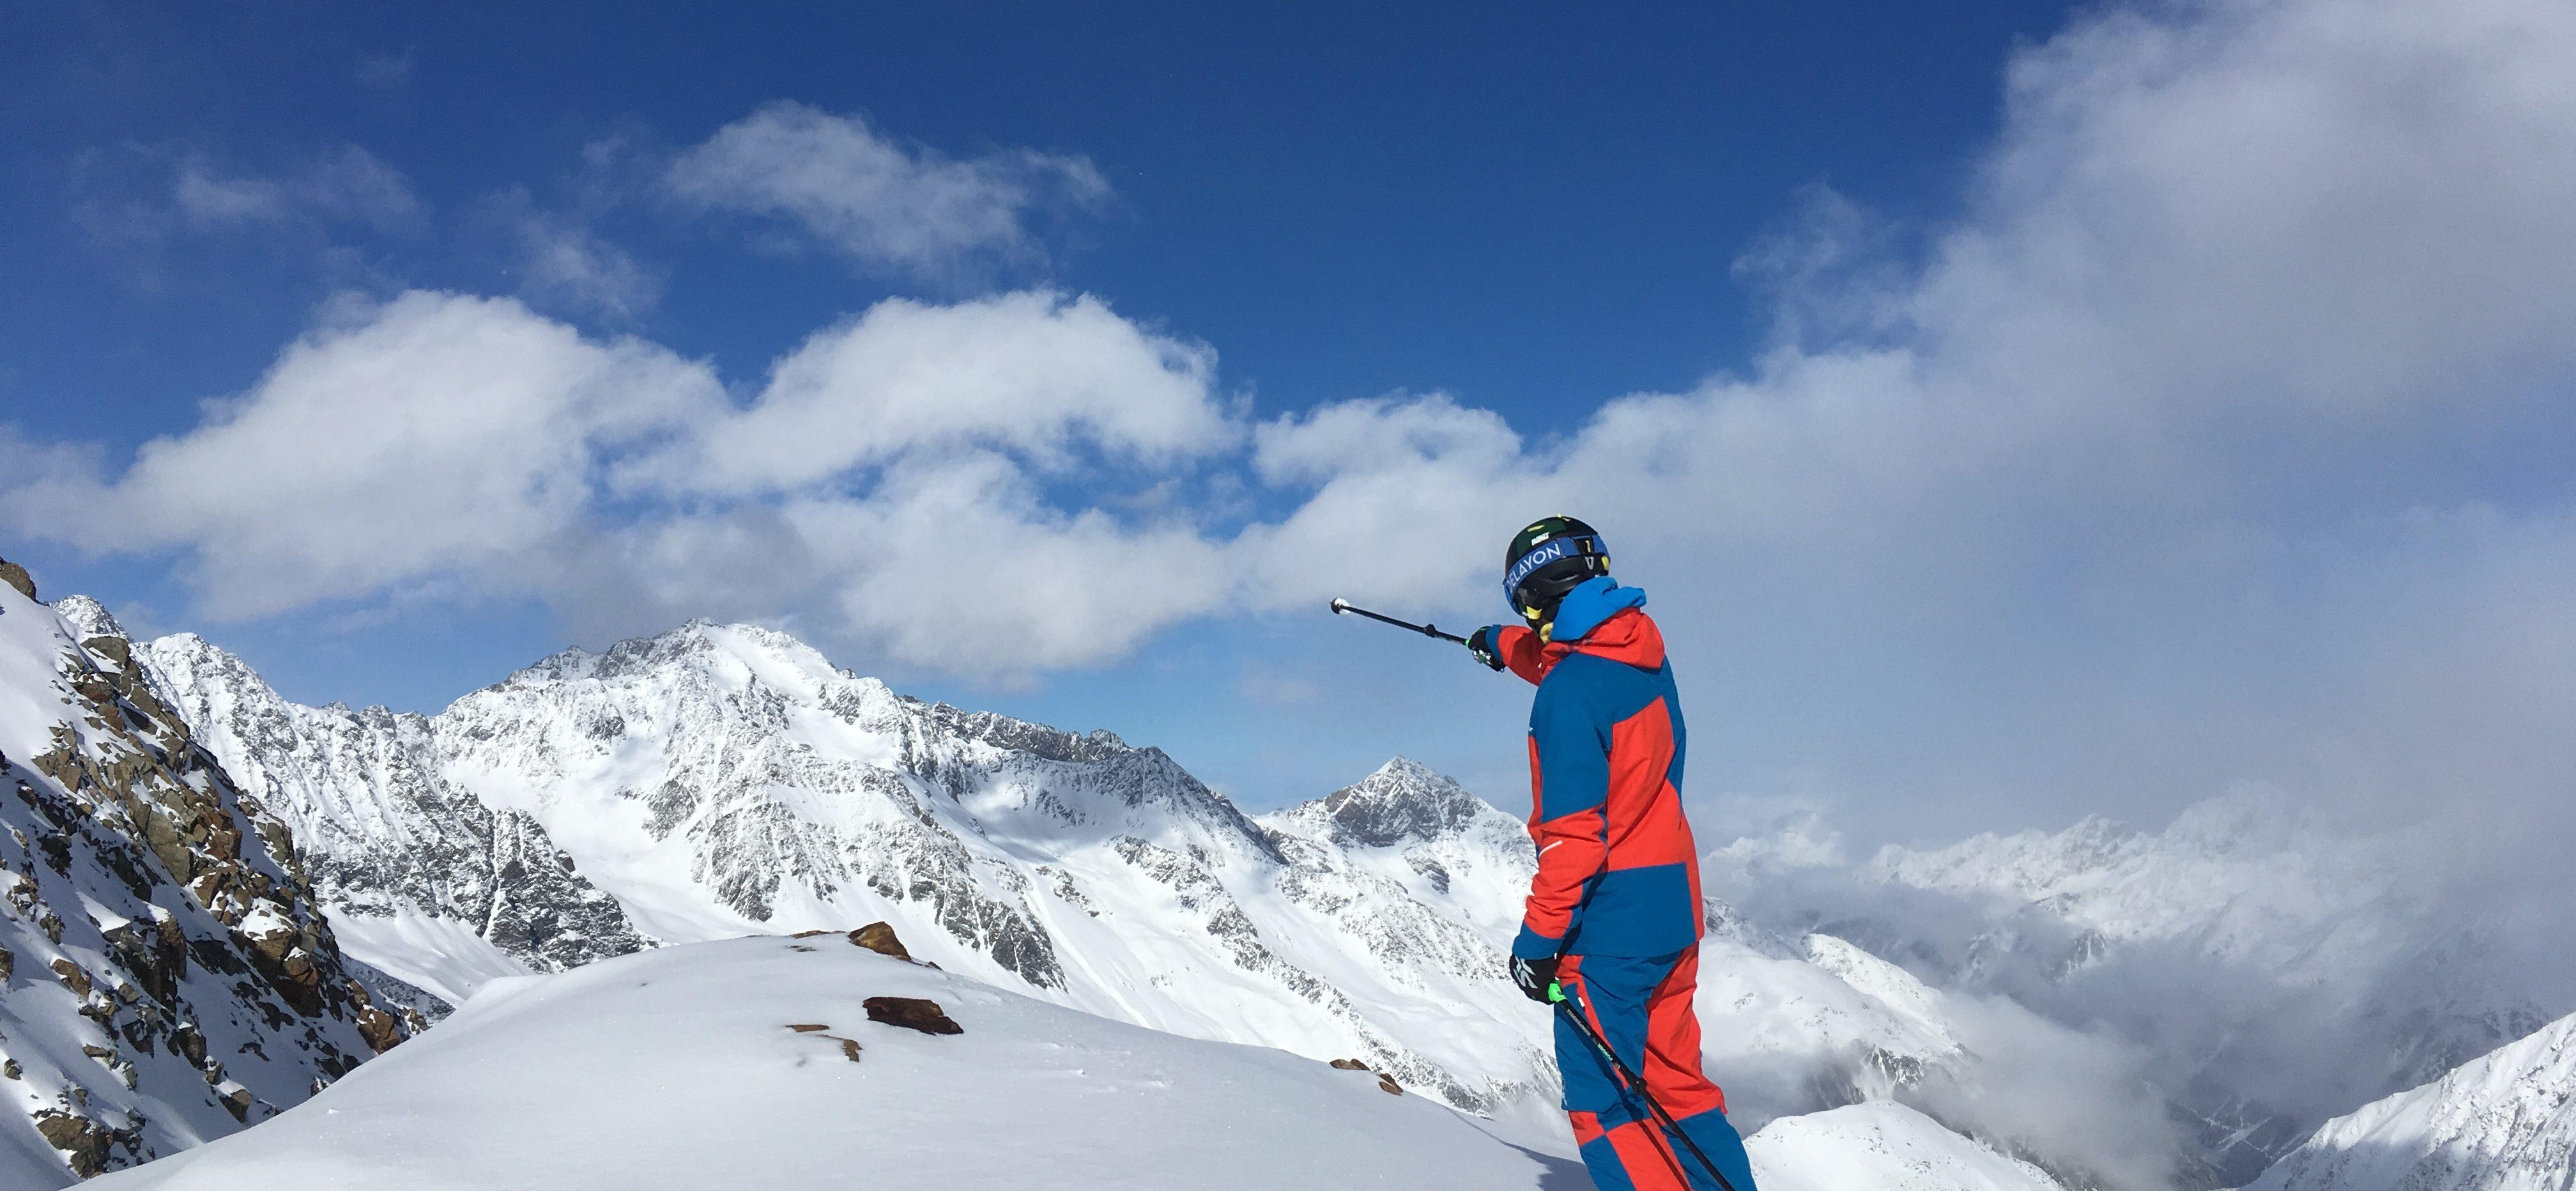 Willkommen beim Skiclub Baden-Baden - Veranstaltungen im Winter